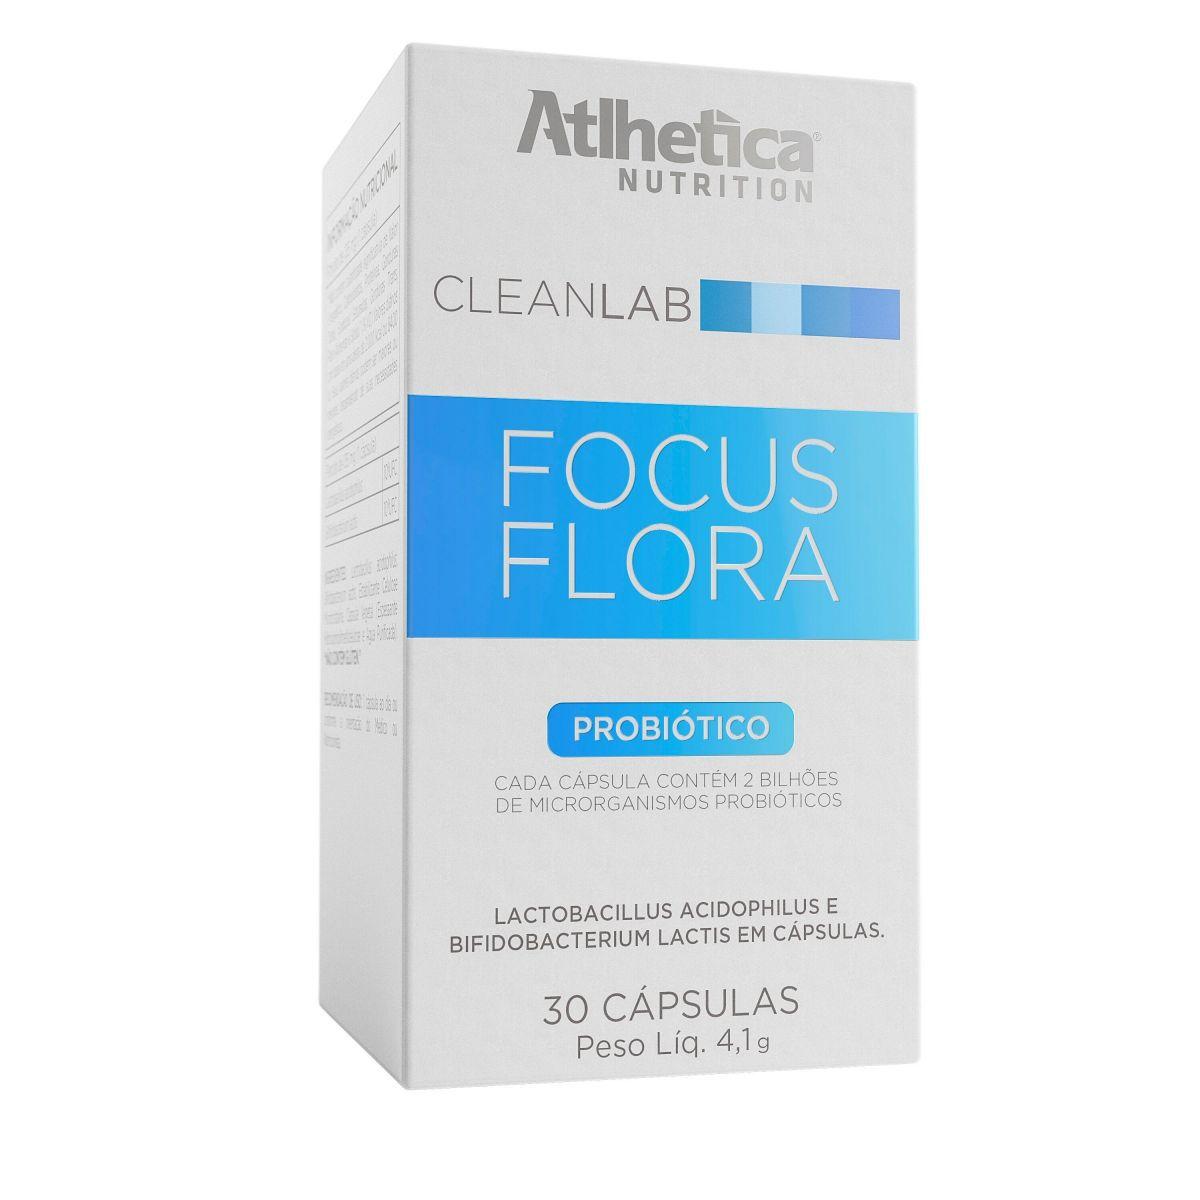 Focus Flora 30 caps Atlhetica Nutrition